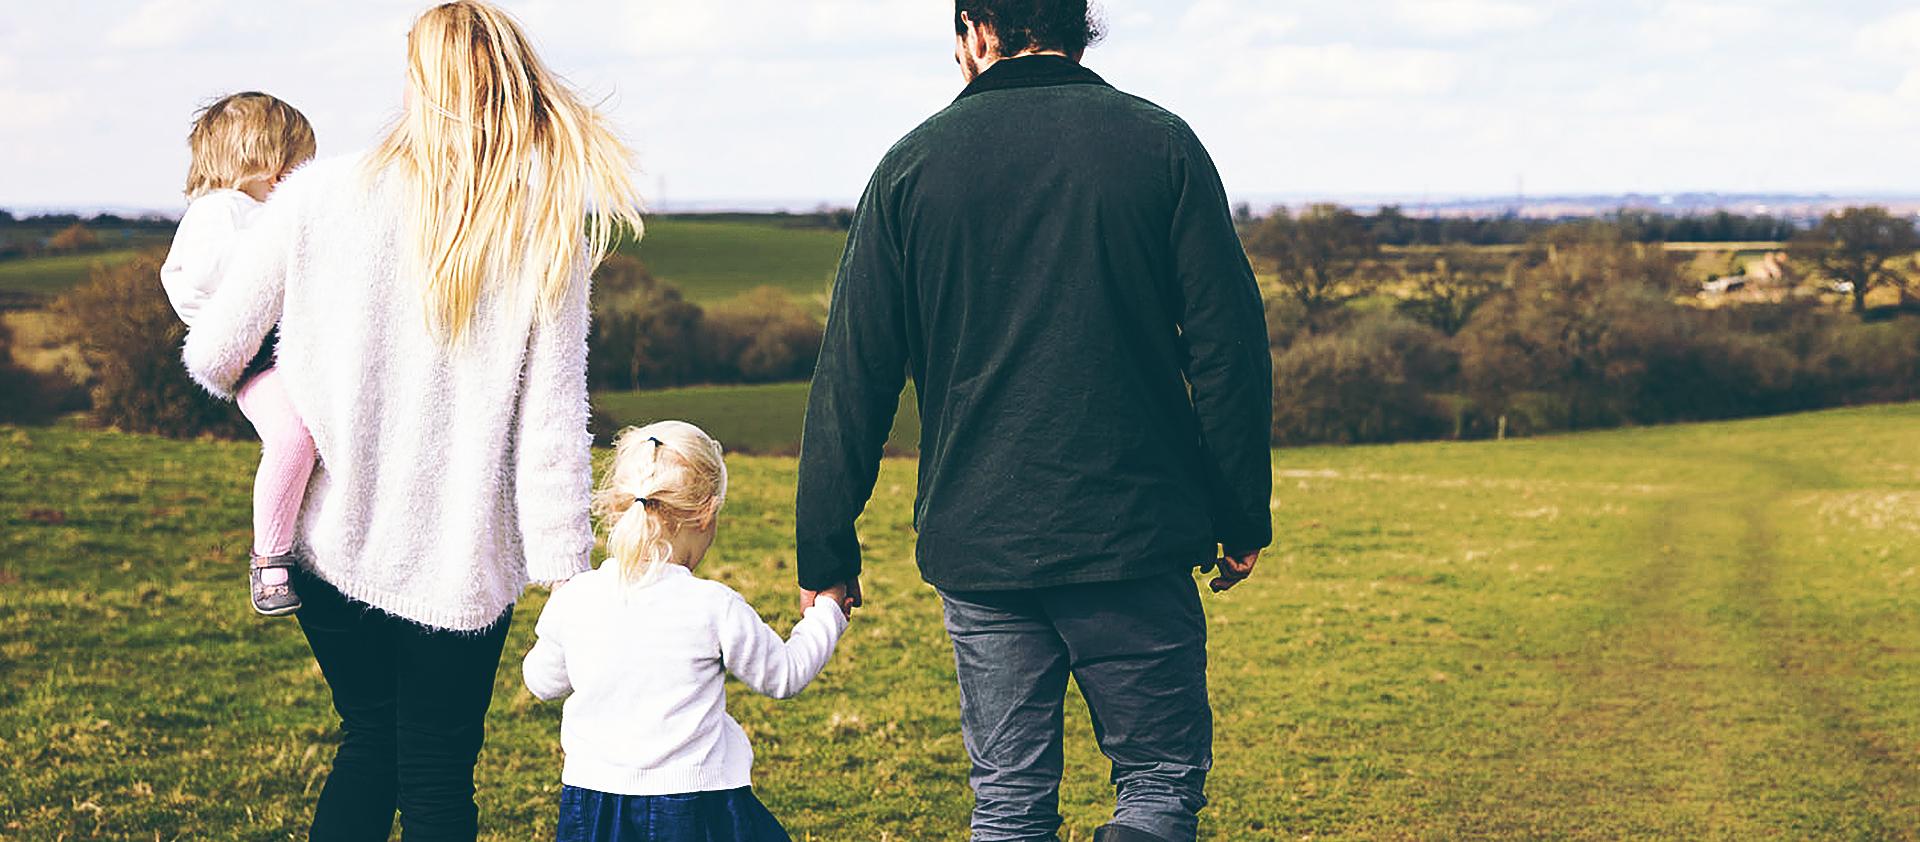 Определяя место жительства ребенка судья руководствуется его интересами, а не интересами родителей